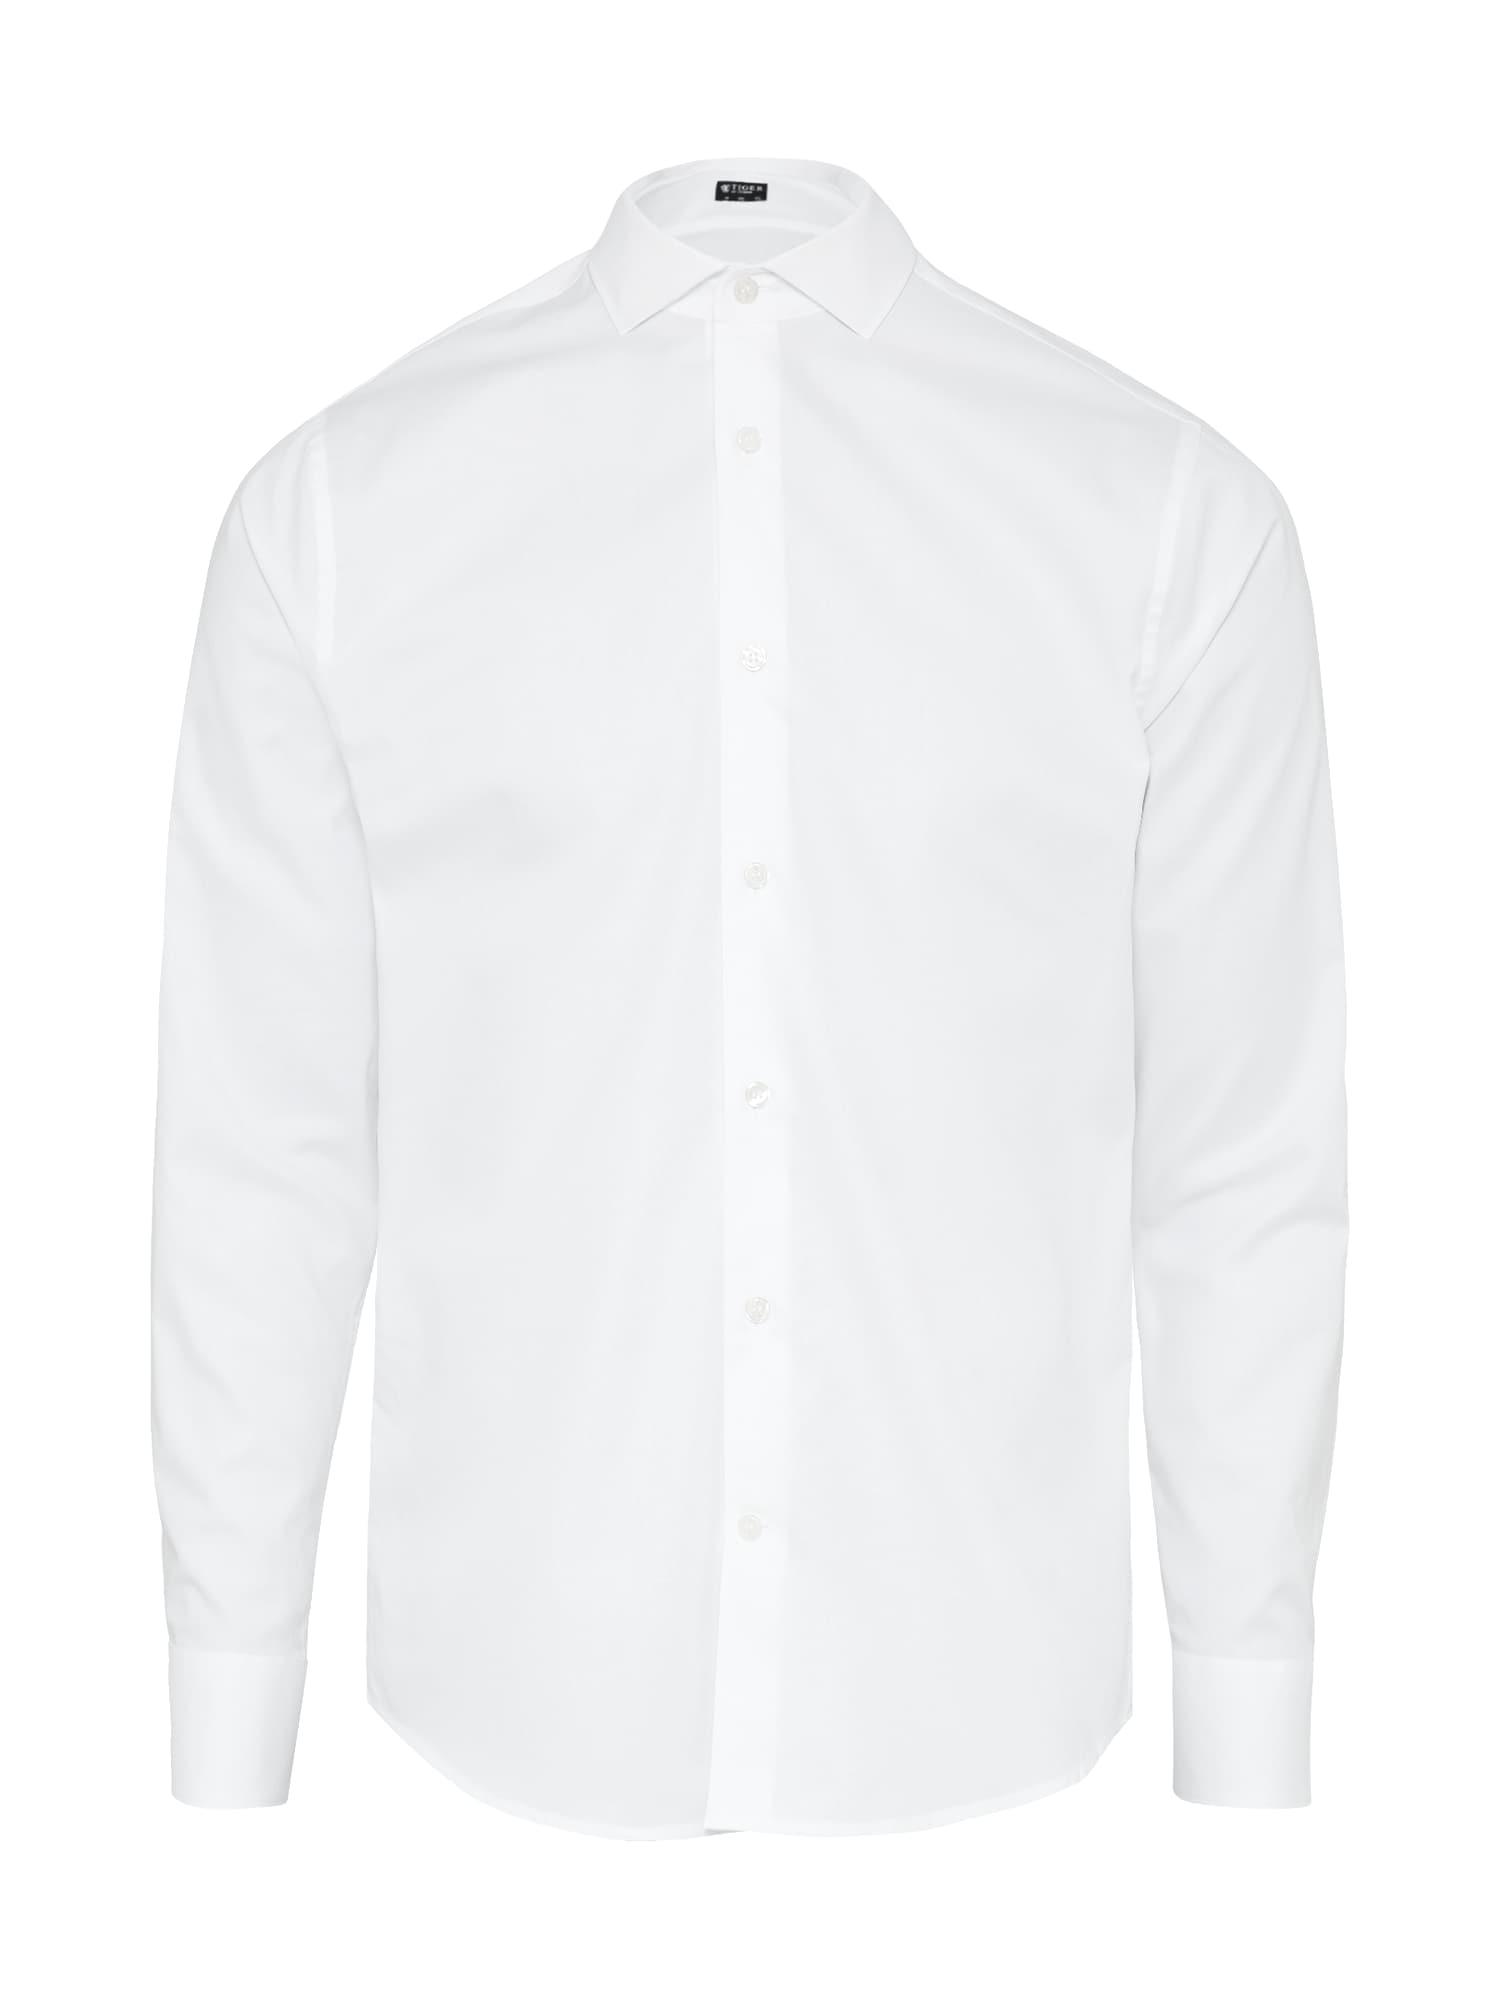 Tiger of Sweden Dalykinio stiliaus marškiniai